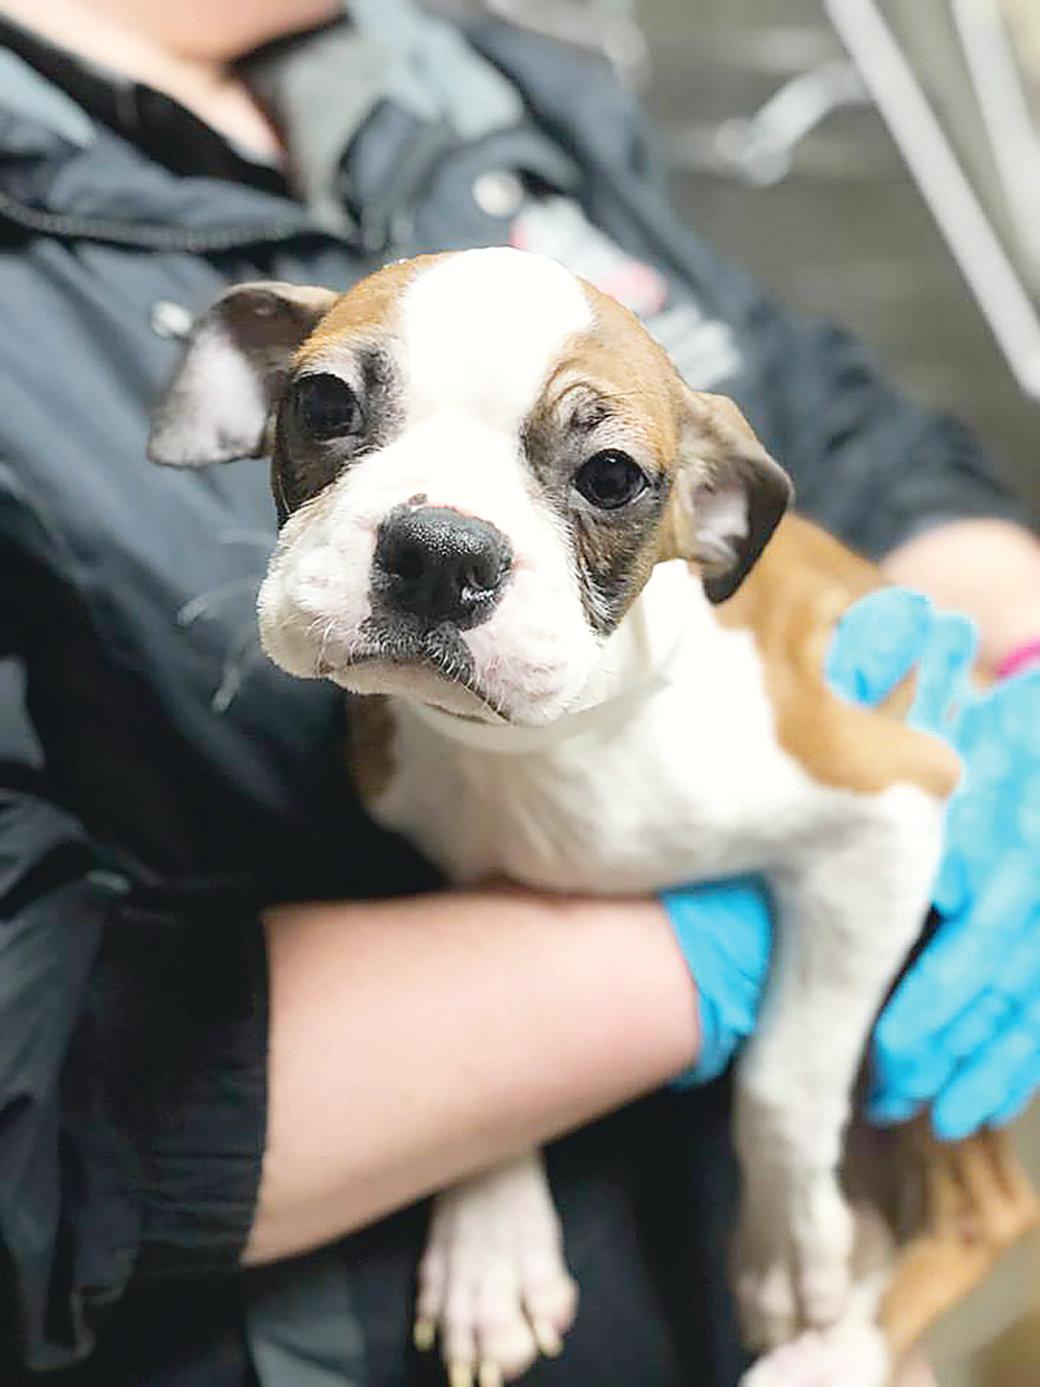 Alleged puppy mill found in Nauvoo